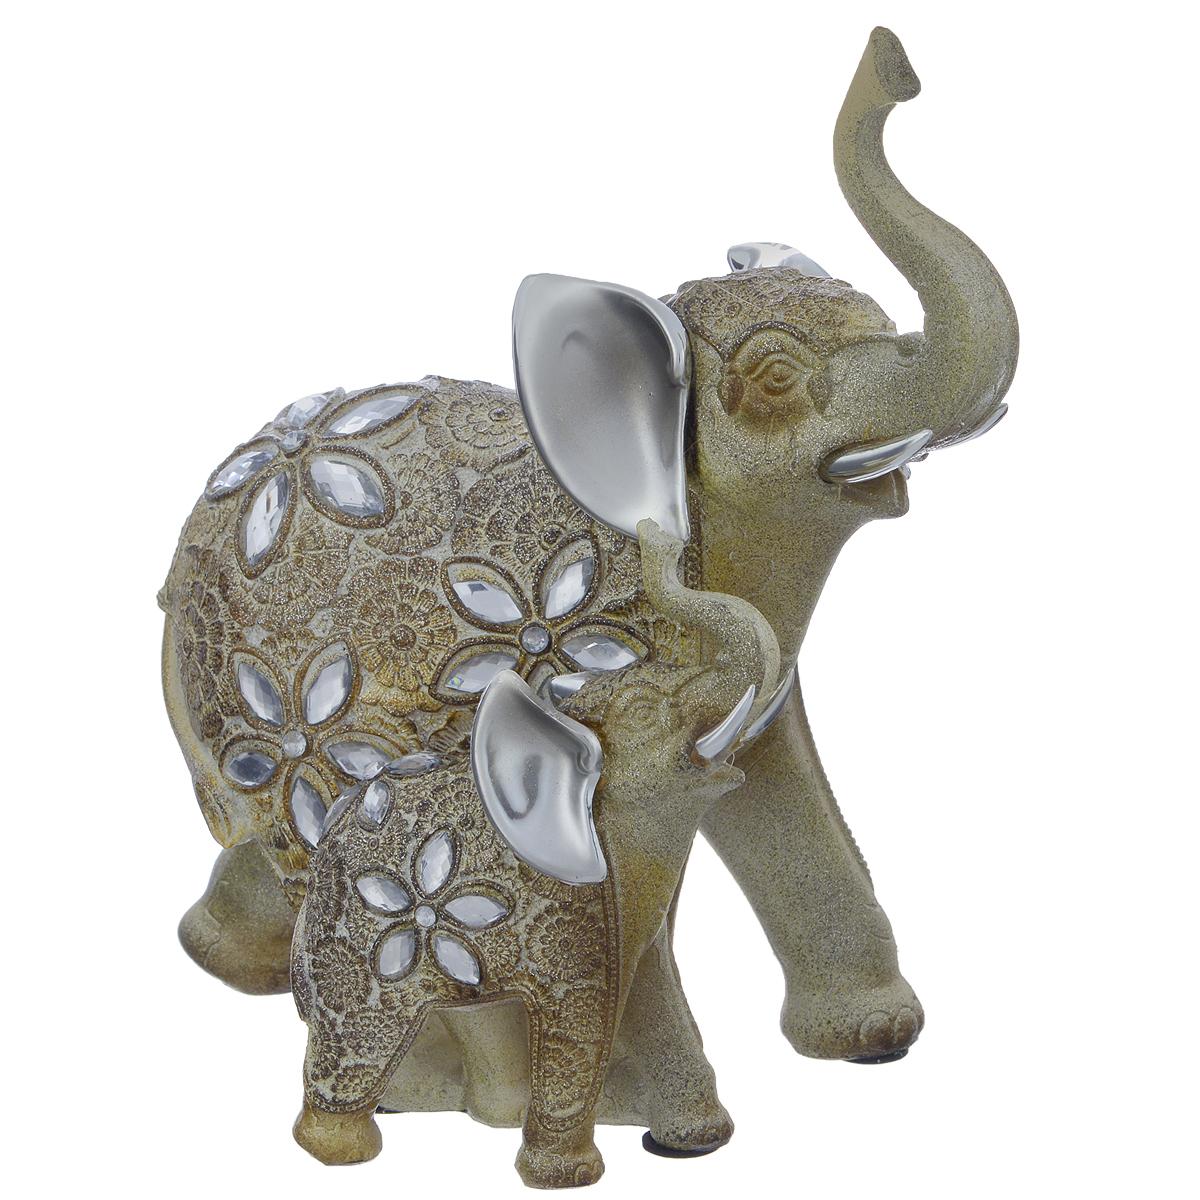 Фигурка декоративная Molento Блестящая семья, высота 21,5 смTHN132NДекоративная фигурка Molento Блестящая семья, выполненная из полистоуна, станет отличным украшением интерьера и подчеркнет его изысканность. Изделие, выполненное в виде двух слонов, украшено рельефными цветочными узорами и стразами. Такая фигурка всегда сможет послужить приятным подарком для ваших друзей и близких. Размер фигурки: 18,5 см х 11 см х 21,5 см.